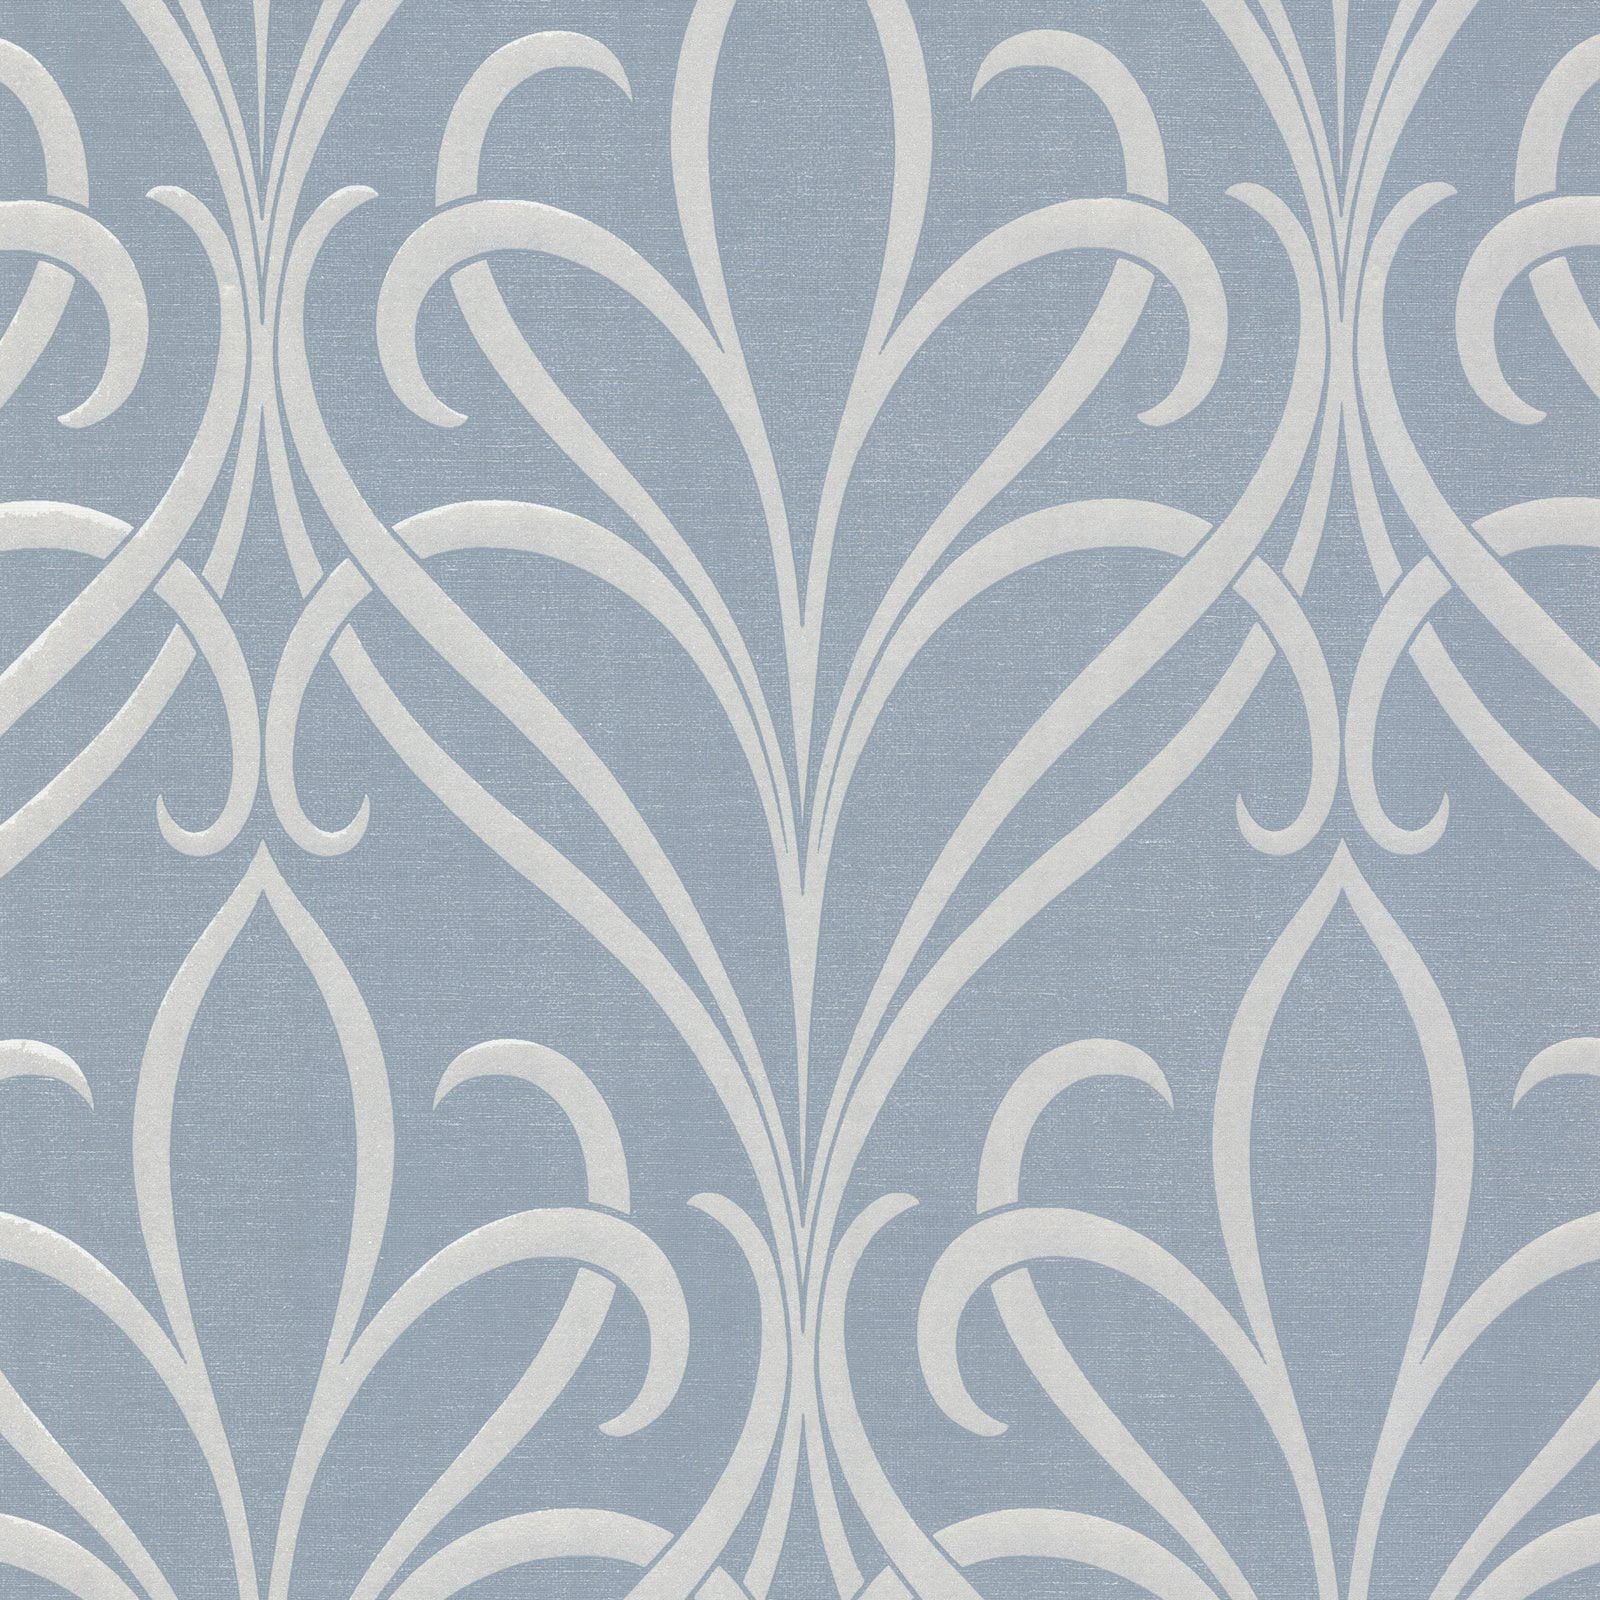 Decorline Lalique Blue Nouveau Damask Wallpaper